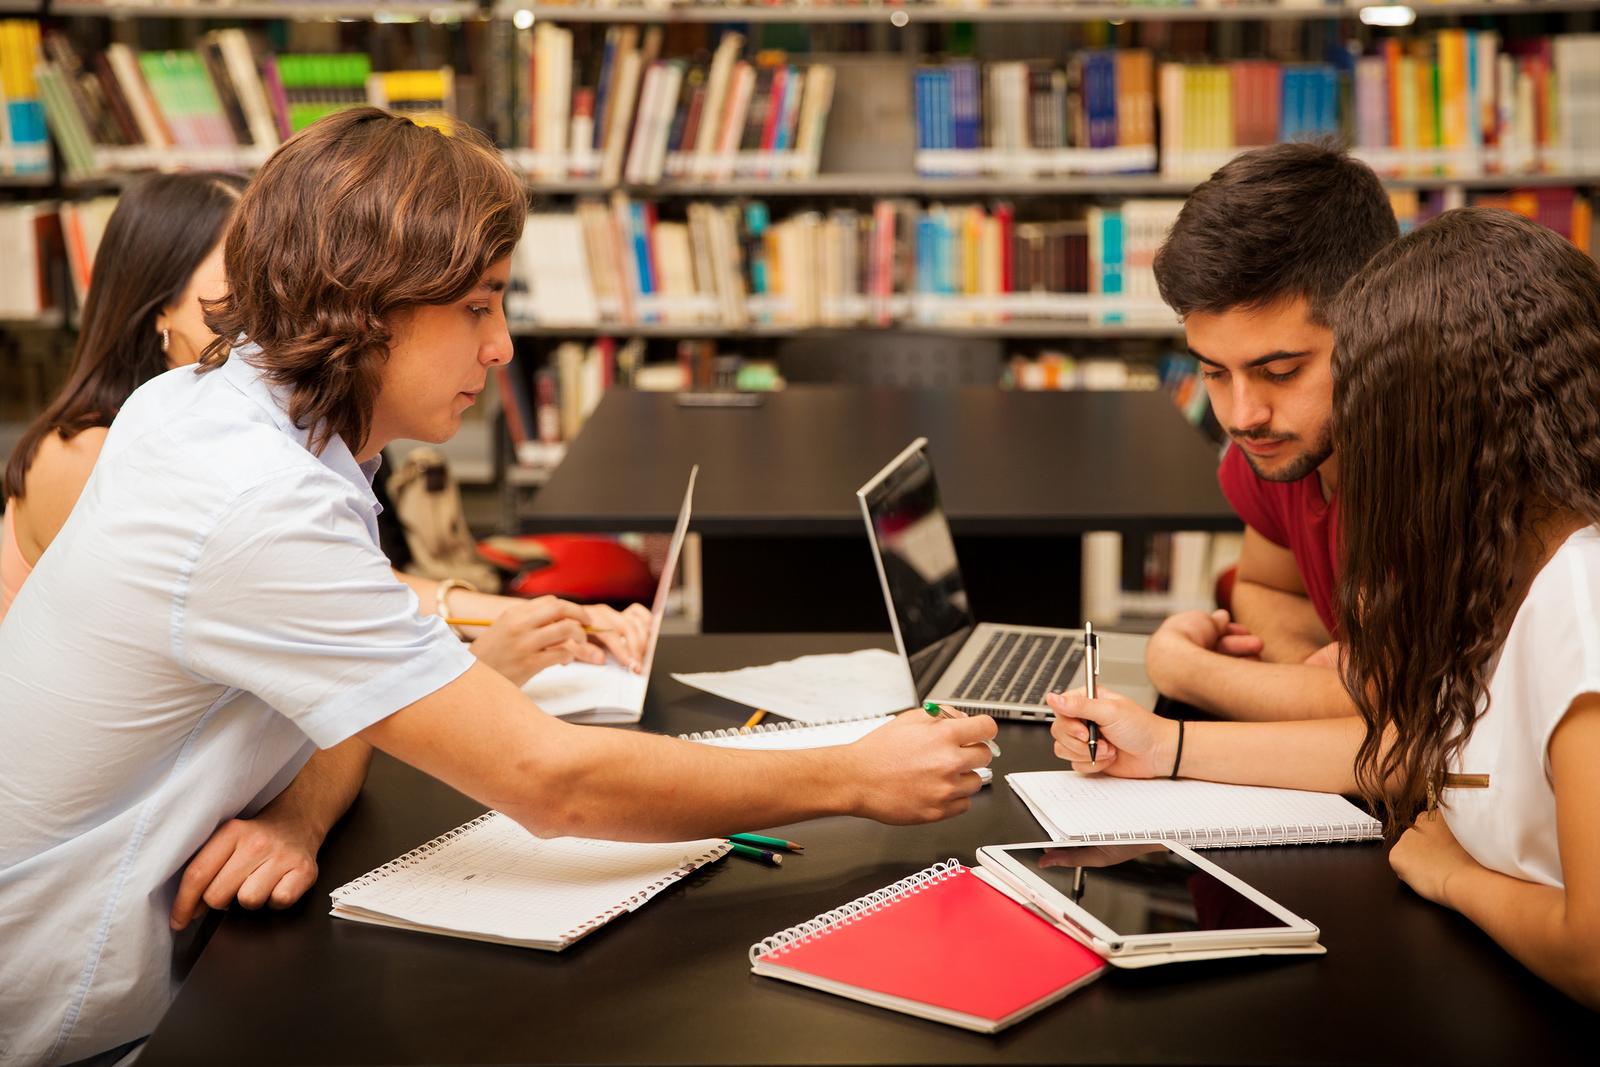 Según un estudio, los recursos educativos abiertos no sólo reducen el costo de una carrera universitaria,además, mejoran el rendimiento académico y bajan las tasas de deserción.  - Imagen: Bigstockphoto